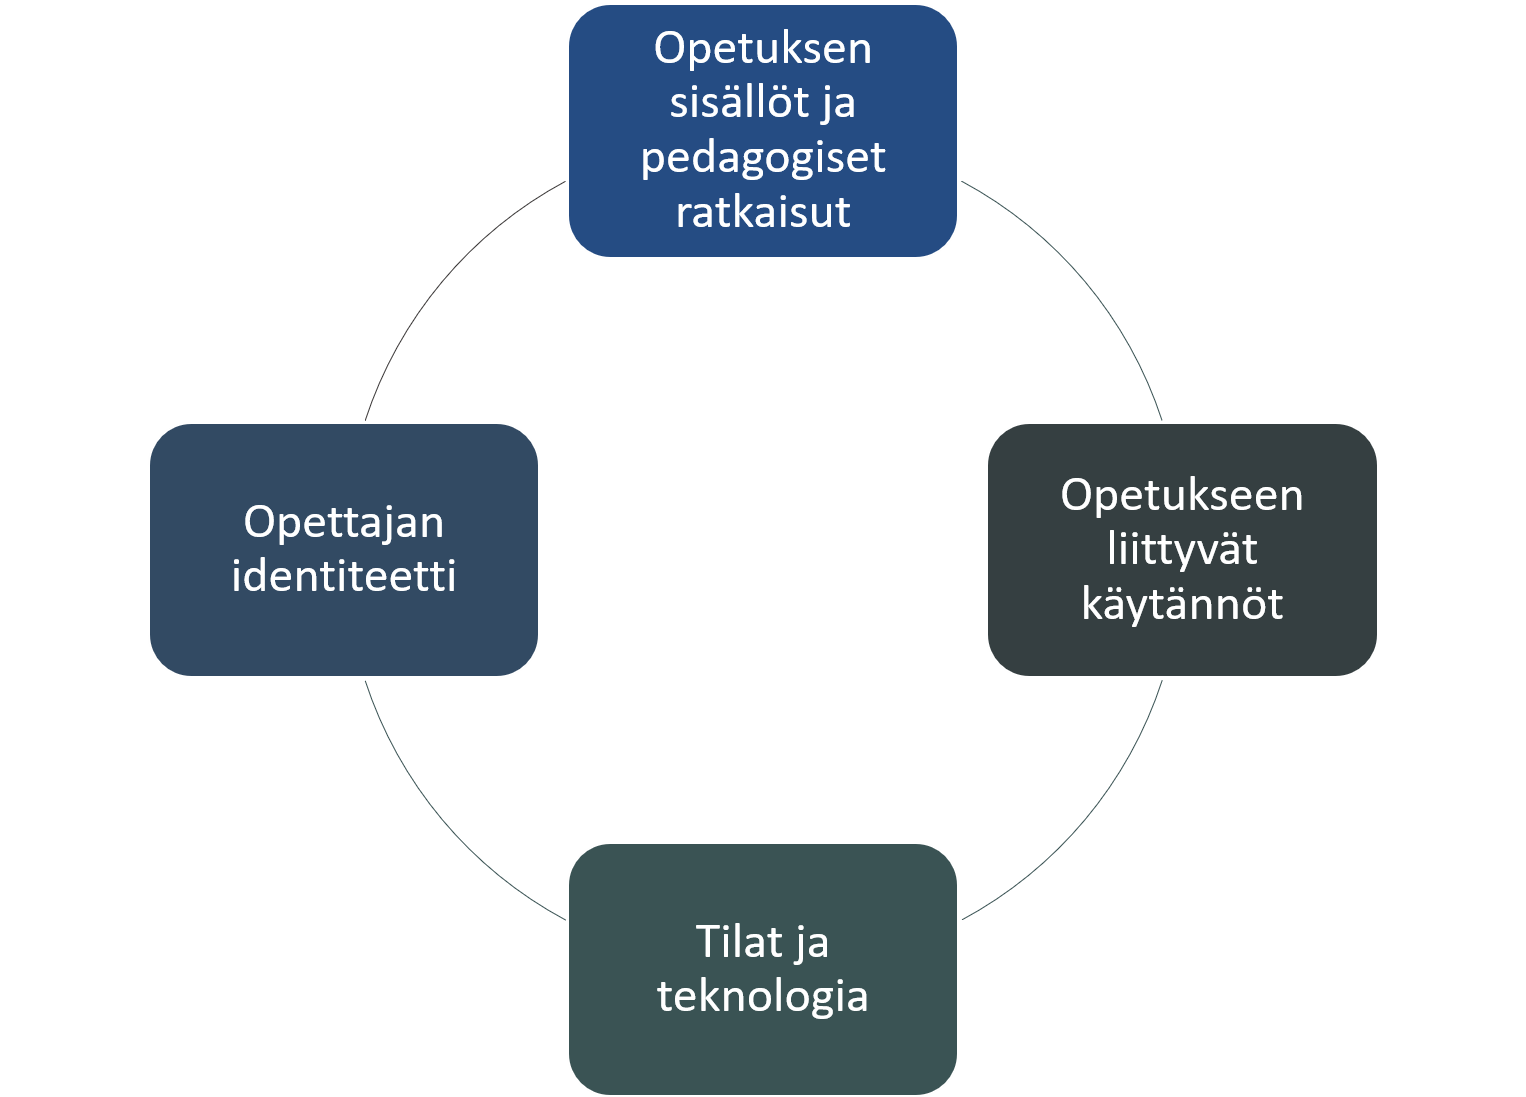 Onnistuneen hybridiopetuksen elementit lueteltuna ympyrän kehällä: Opetuksen sisällöt ja pedagogiset ratkaisut, opetukseen liittyvät käytännöt, tilat ja teknologia sekä opettajan identiteetti.